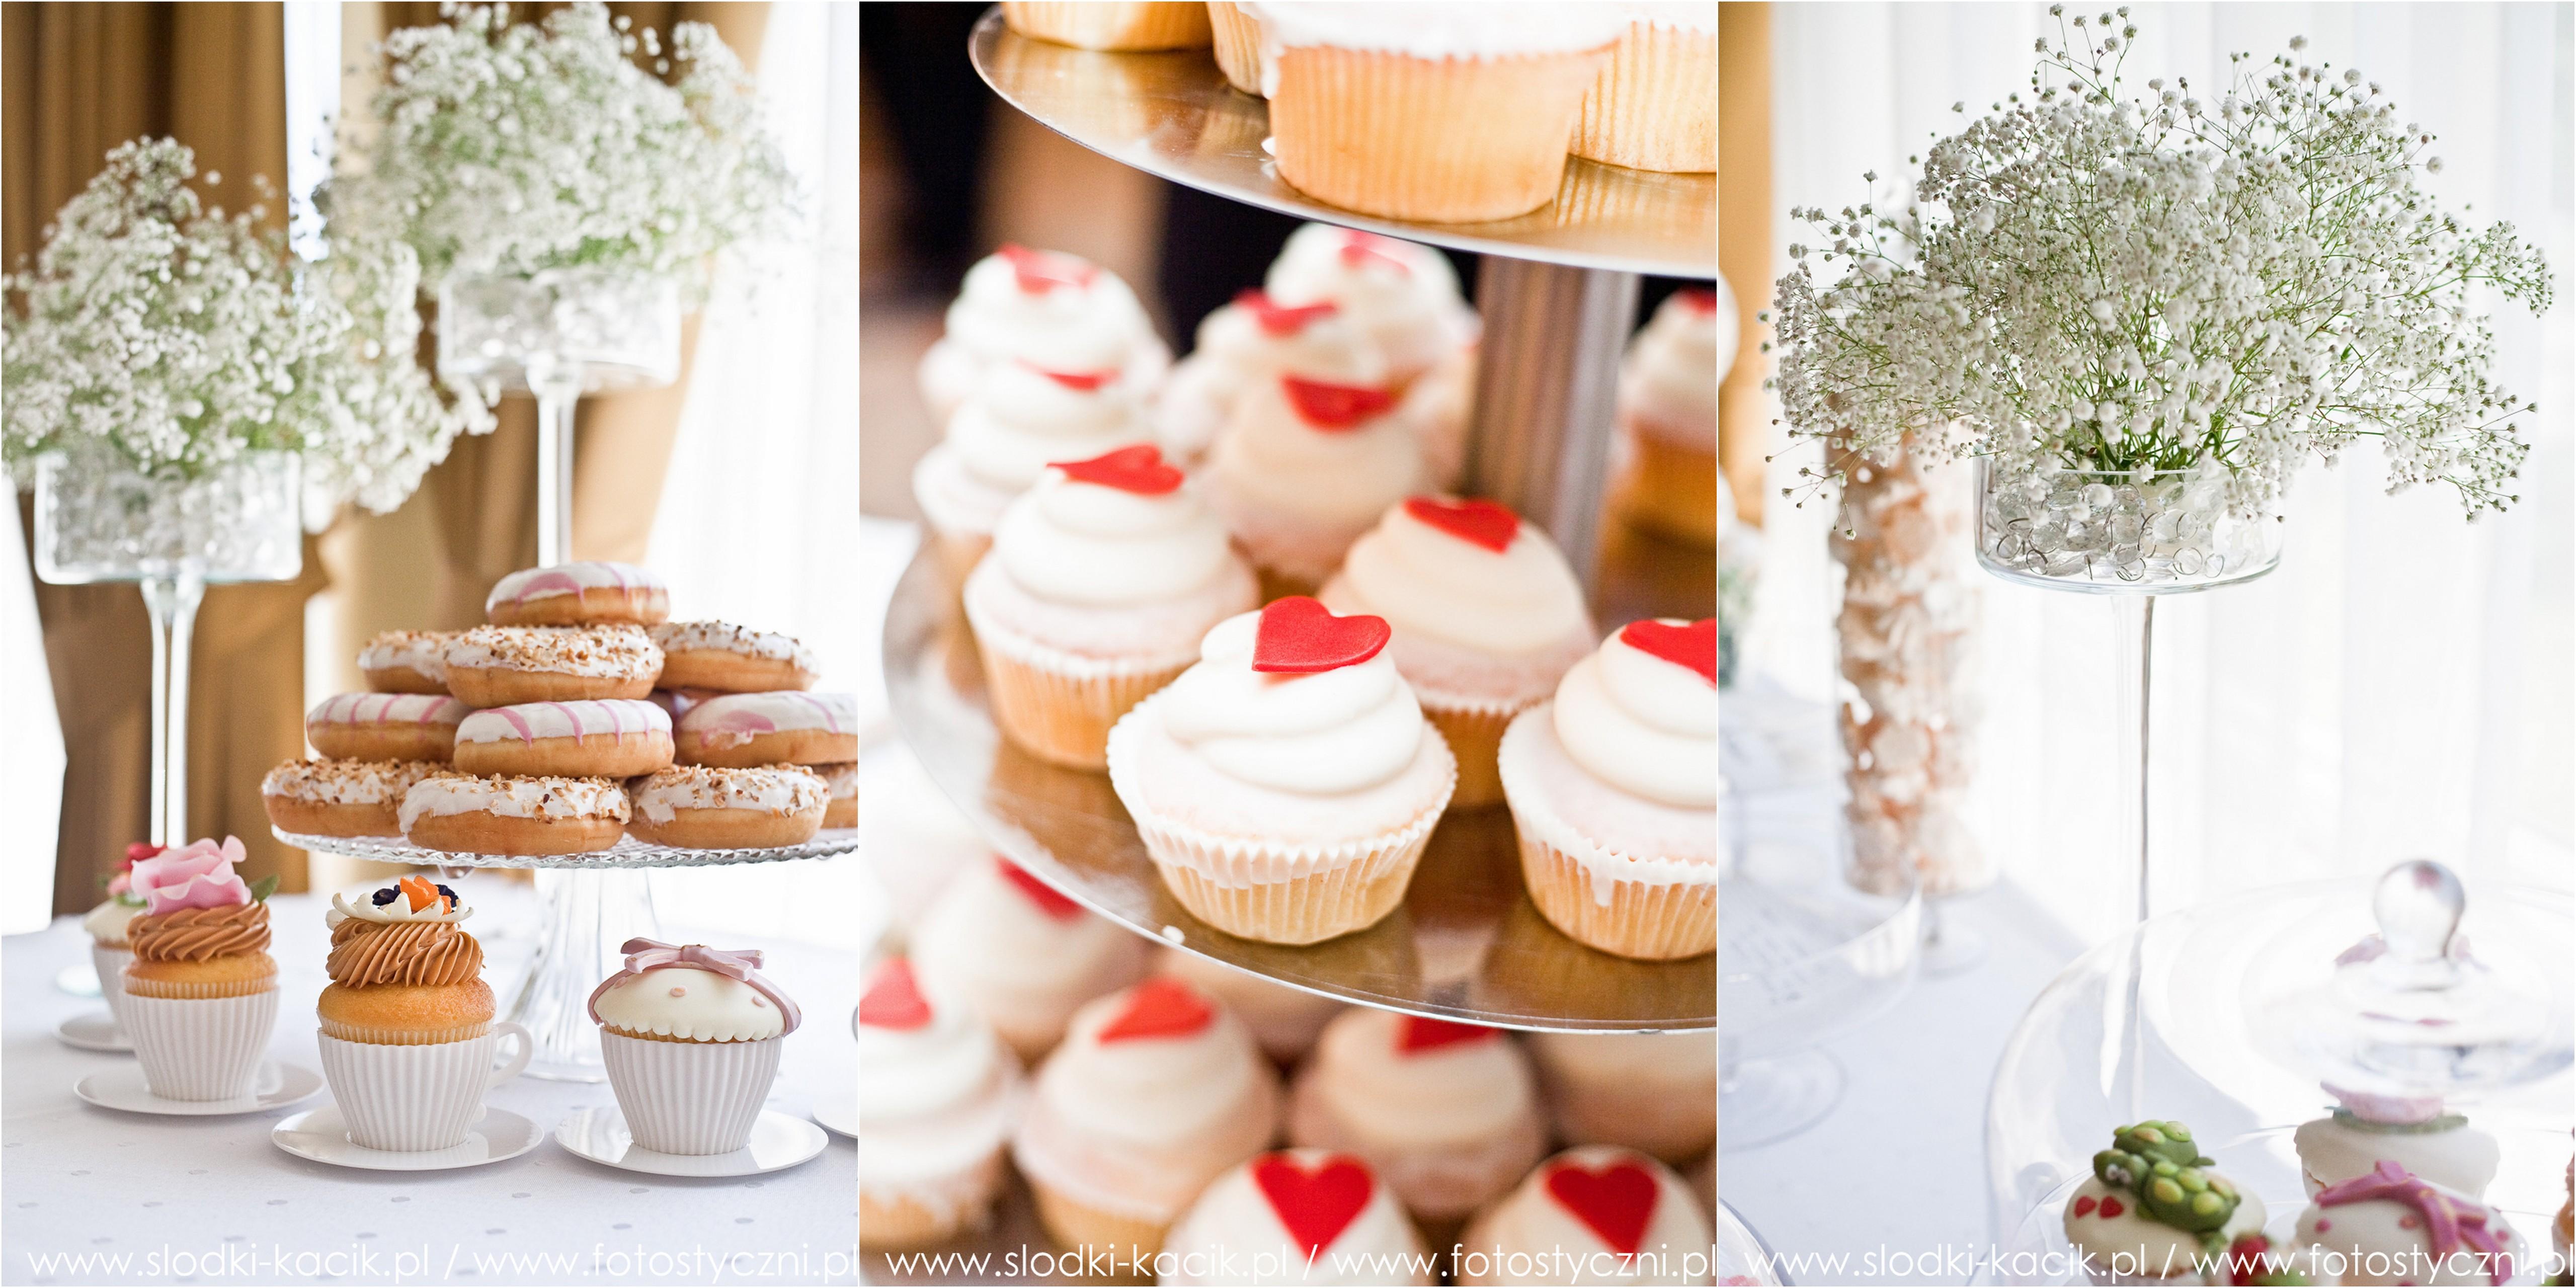 Słodki Kącik serce, słodki stół, słodki bufet, candy bar, tort weselny, ciasto wesele, ślub, pavlova, ciasteczka, słodycze, lizaki, buteleczki, cakepop, cupcake,  donut (2)